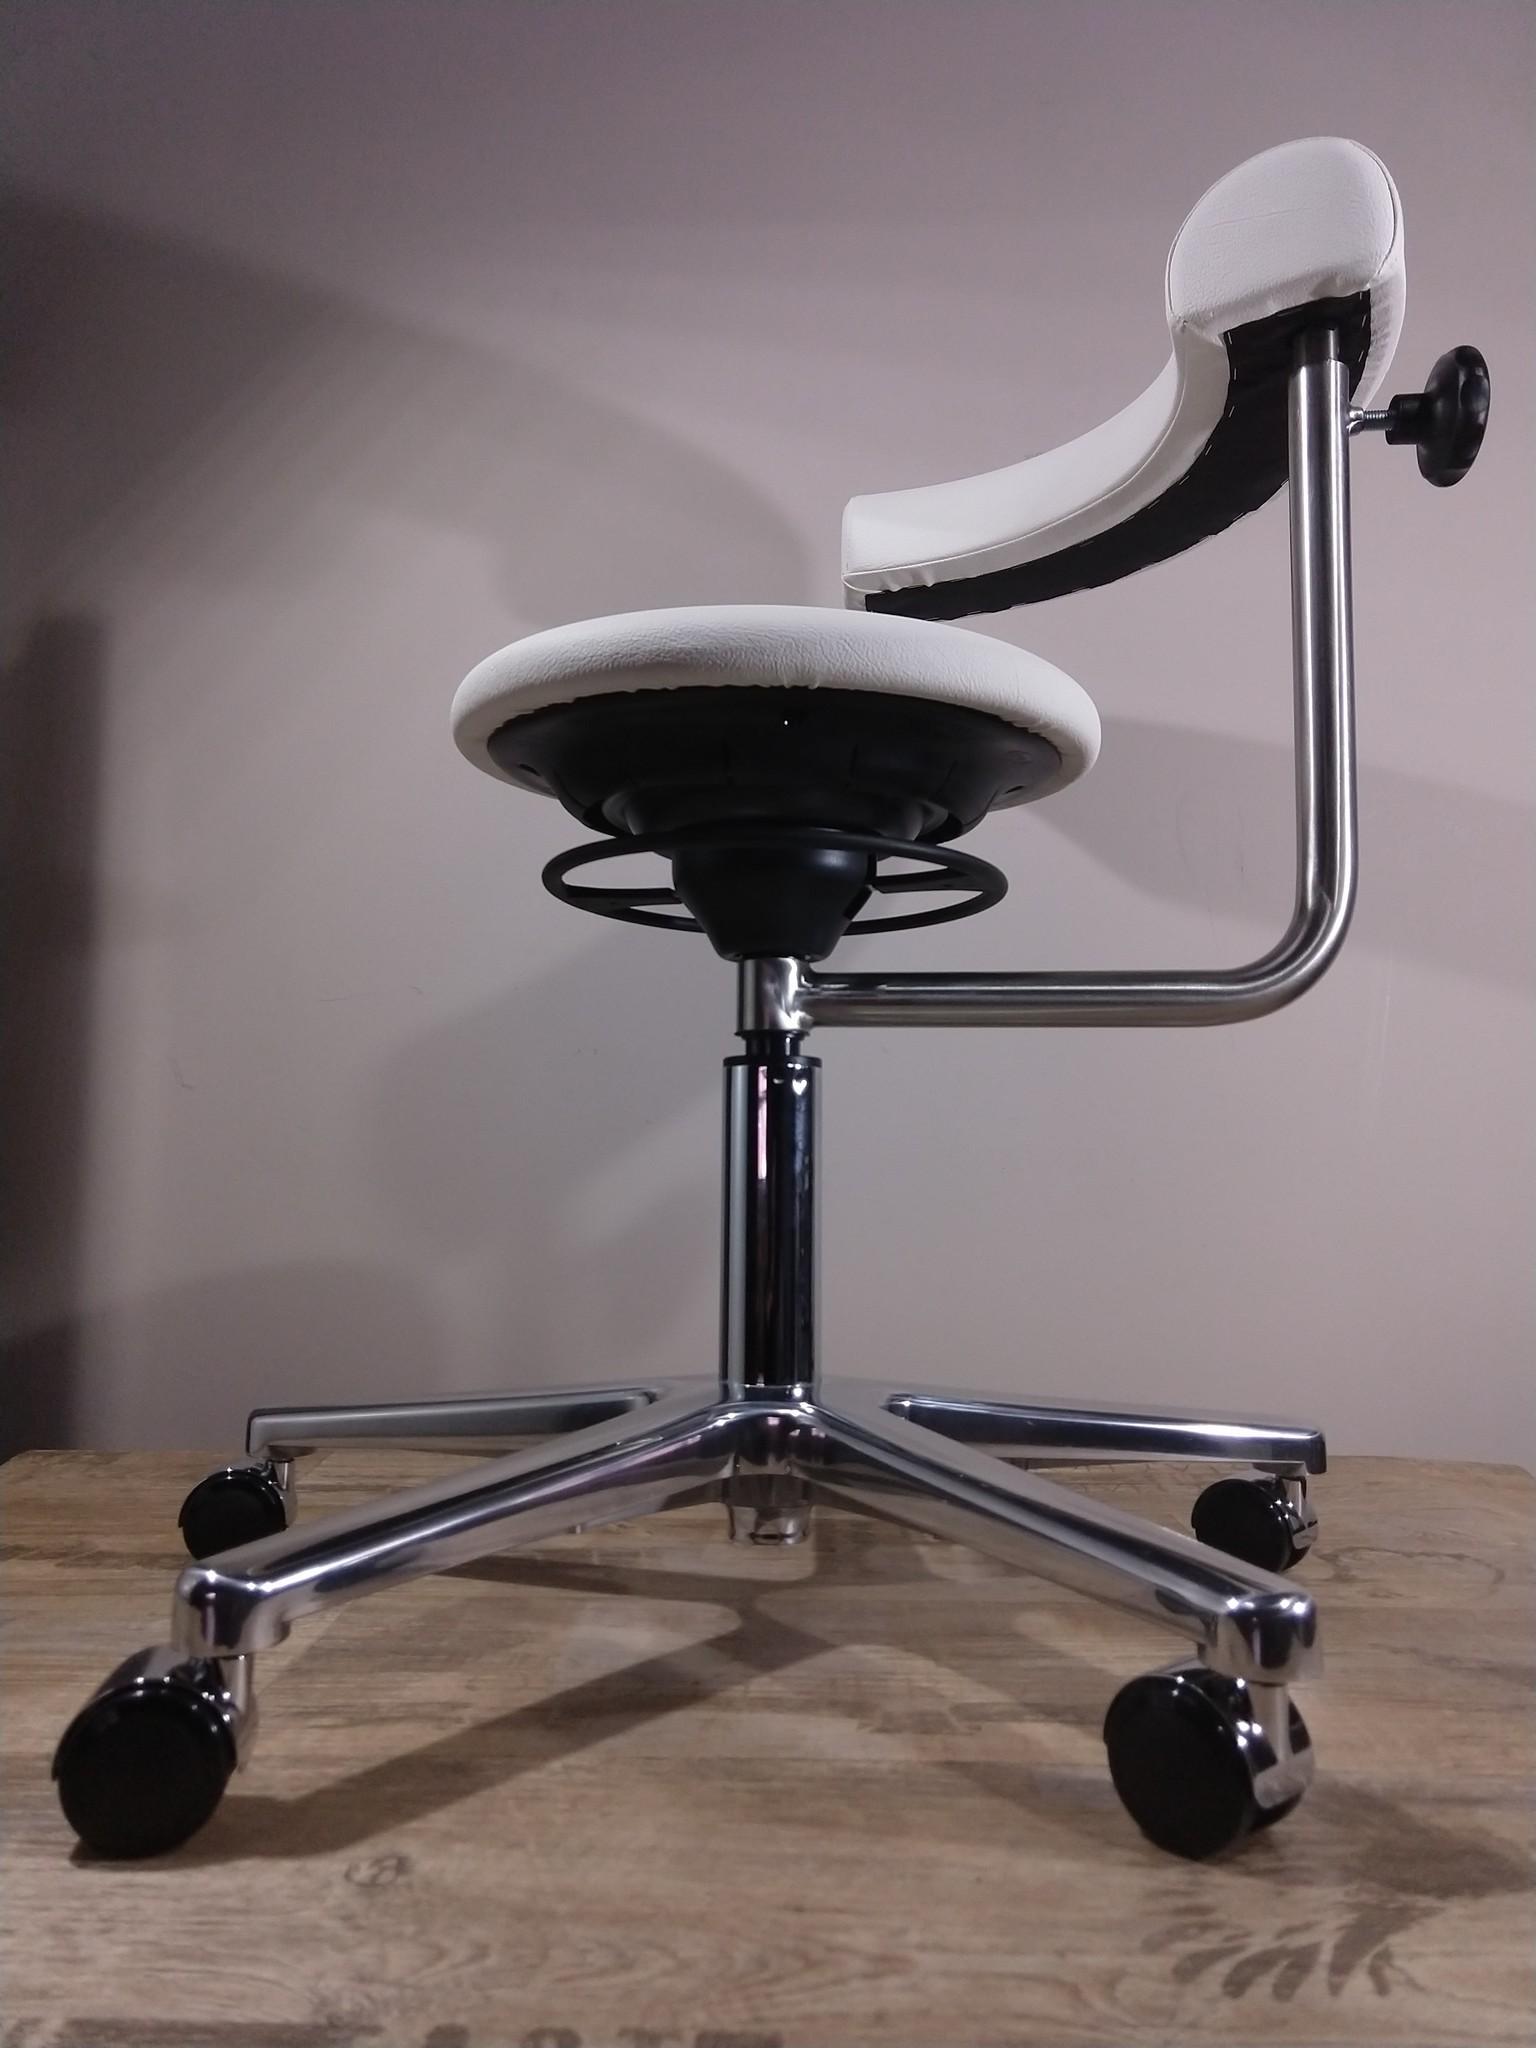 BALIMO®CLASSIC BALIMO® Sitztrainer Office Kunstleder Weiß